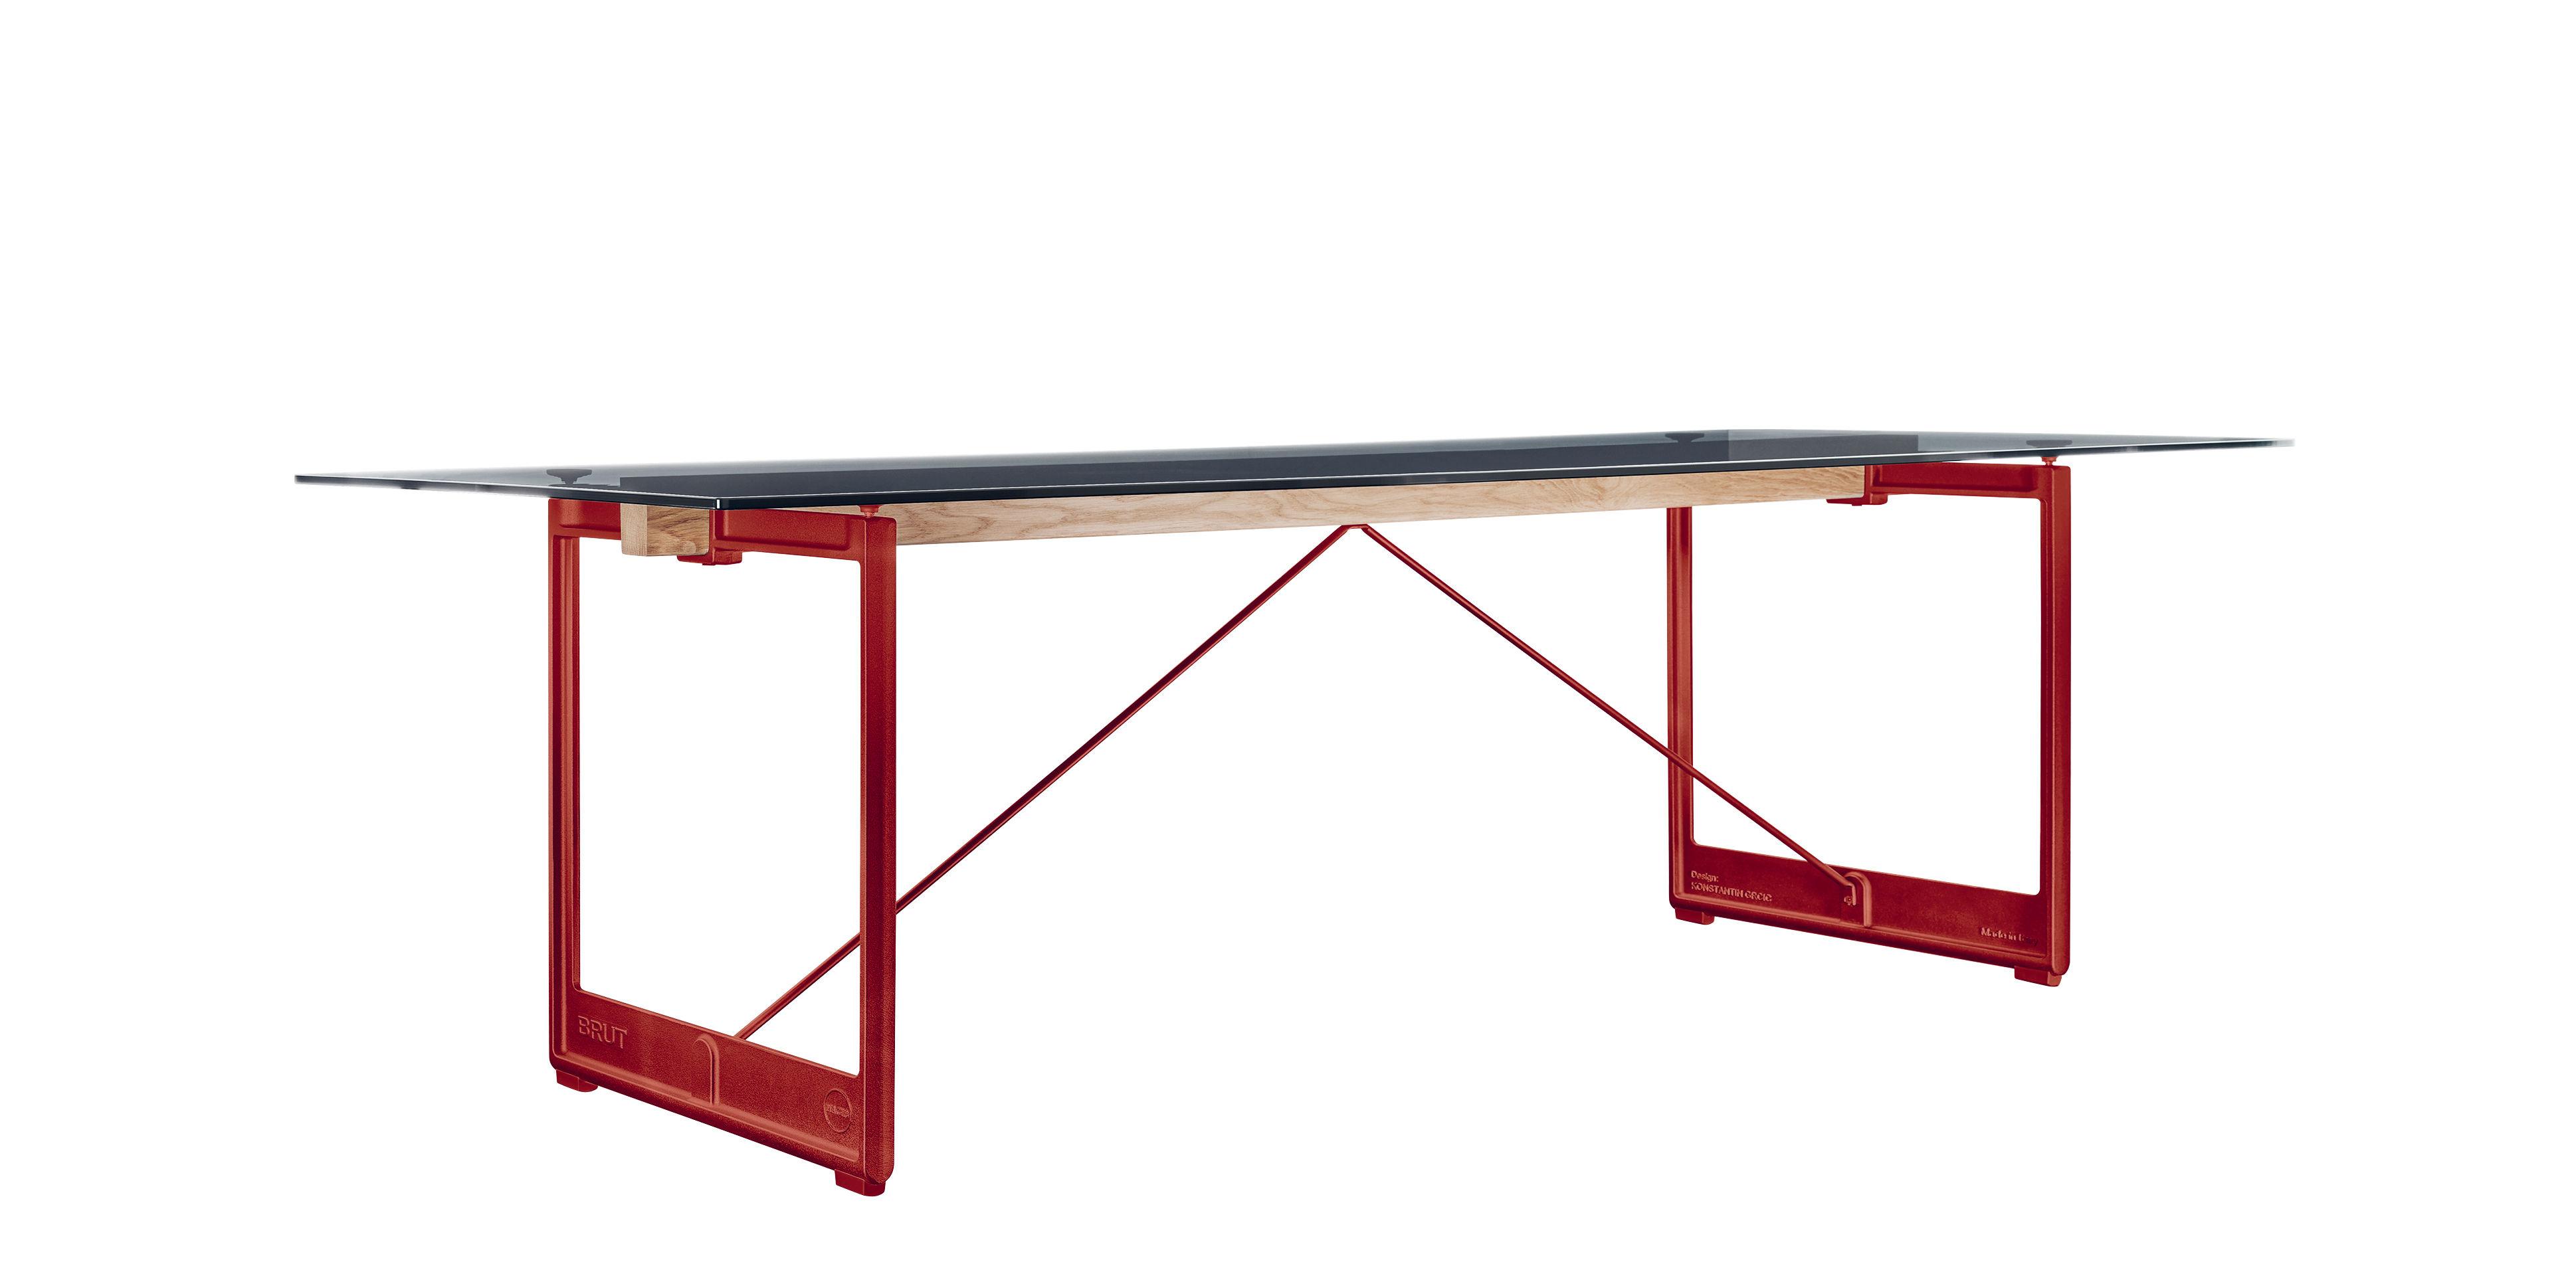 Möbel - Tische - Brut Tisch / L 205 cm x 85 cm - Magis - Rauchglas / Fußgestell rot - Einscheiben-Sicherheitsglas, Gusseisen, massive Eiche